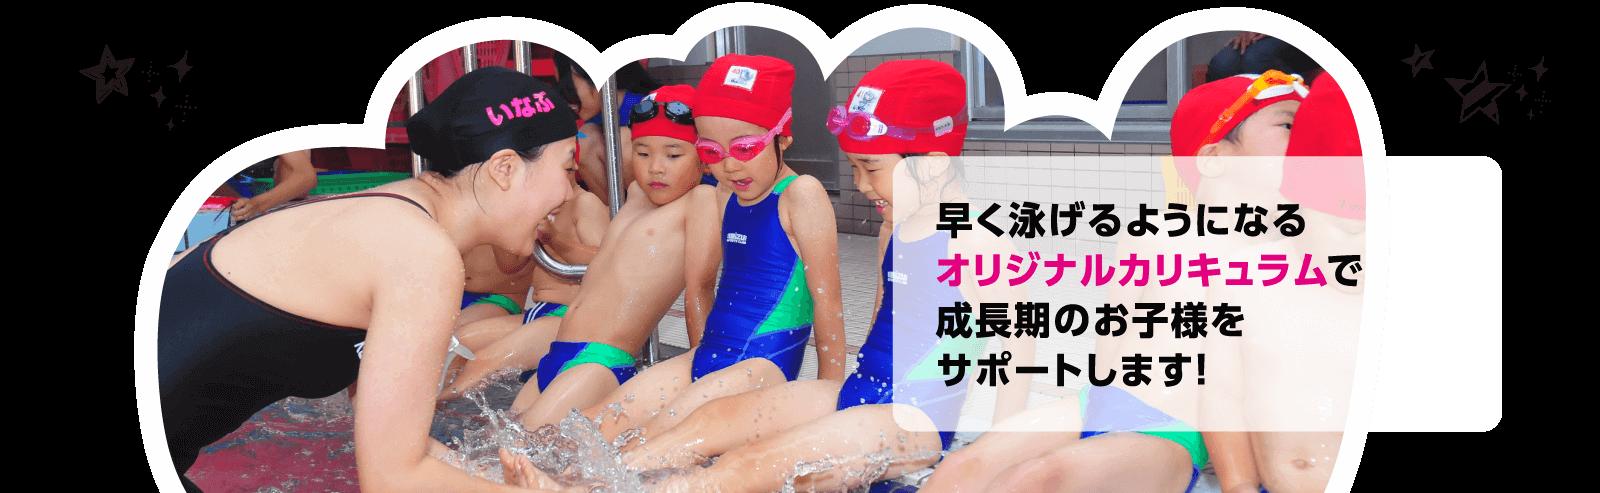 ジュニアスイミングでは、早く泳げるようになるオリジナルカリキュラムで成長期のお子様をサポートします